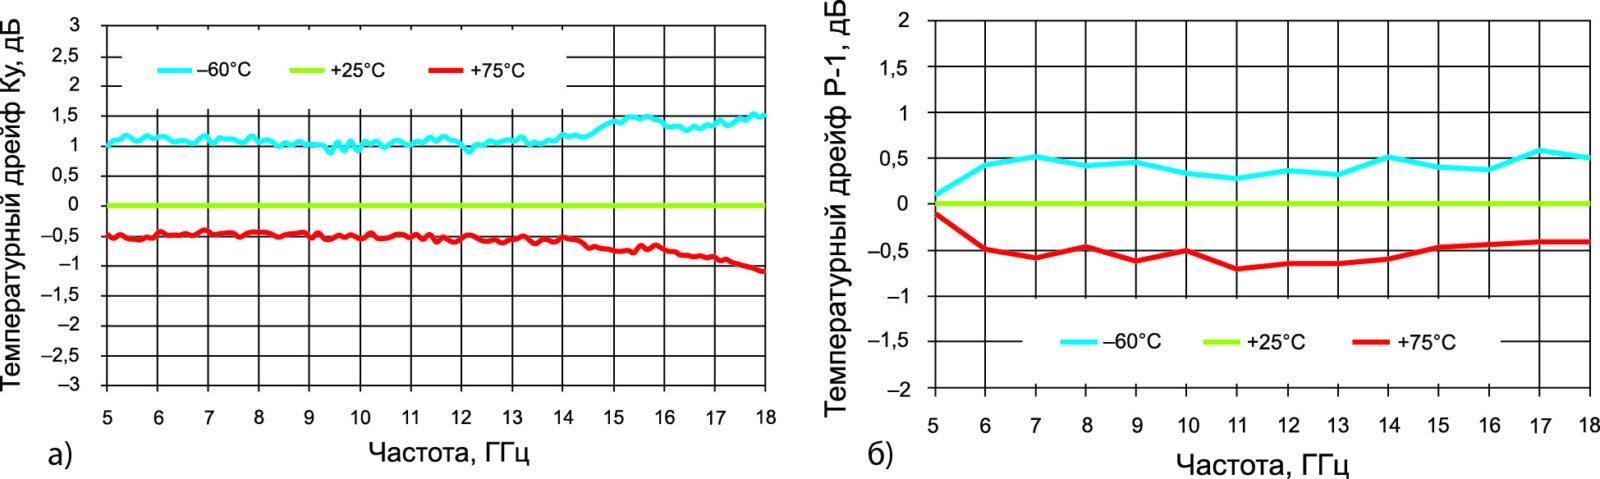 Типовой температурный дрейф параметров МИС МС120 и МС080